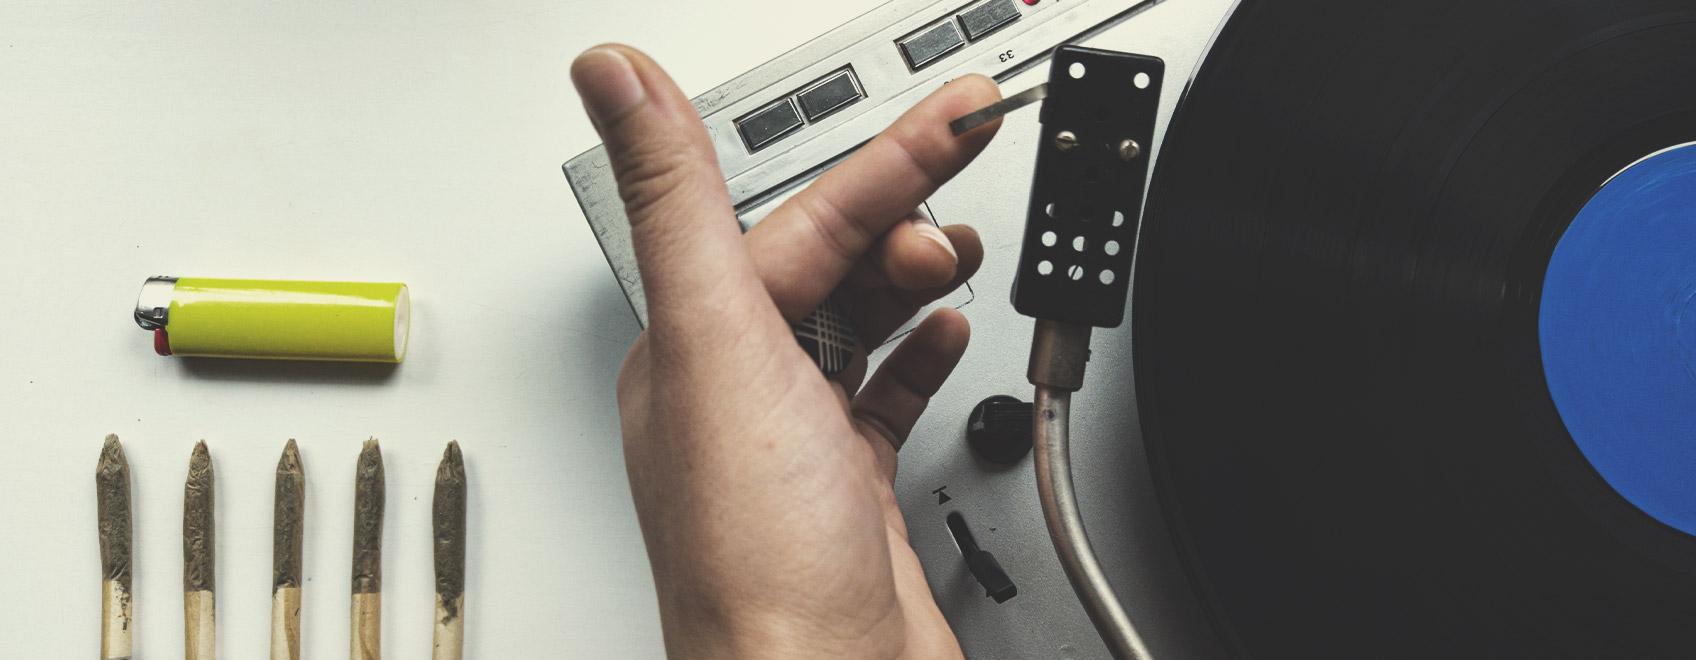 Zowel Wiet als Muziek Hebben Ontspannende Eigenschappen